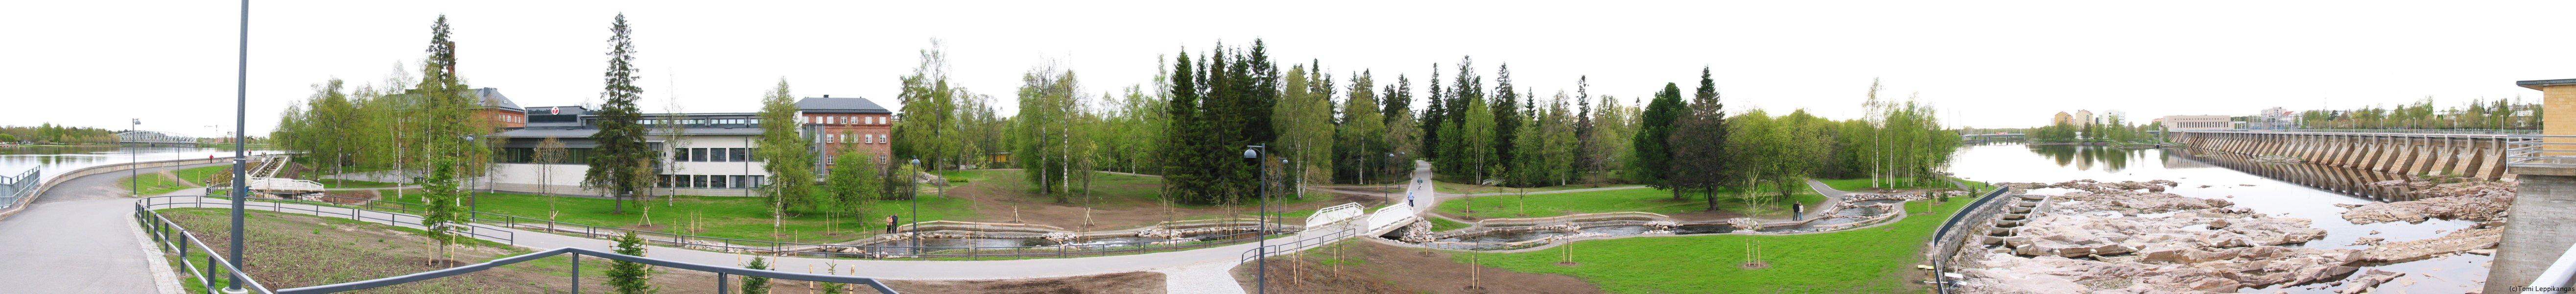 Merikoski Oulu